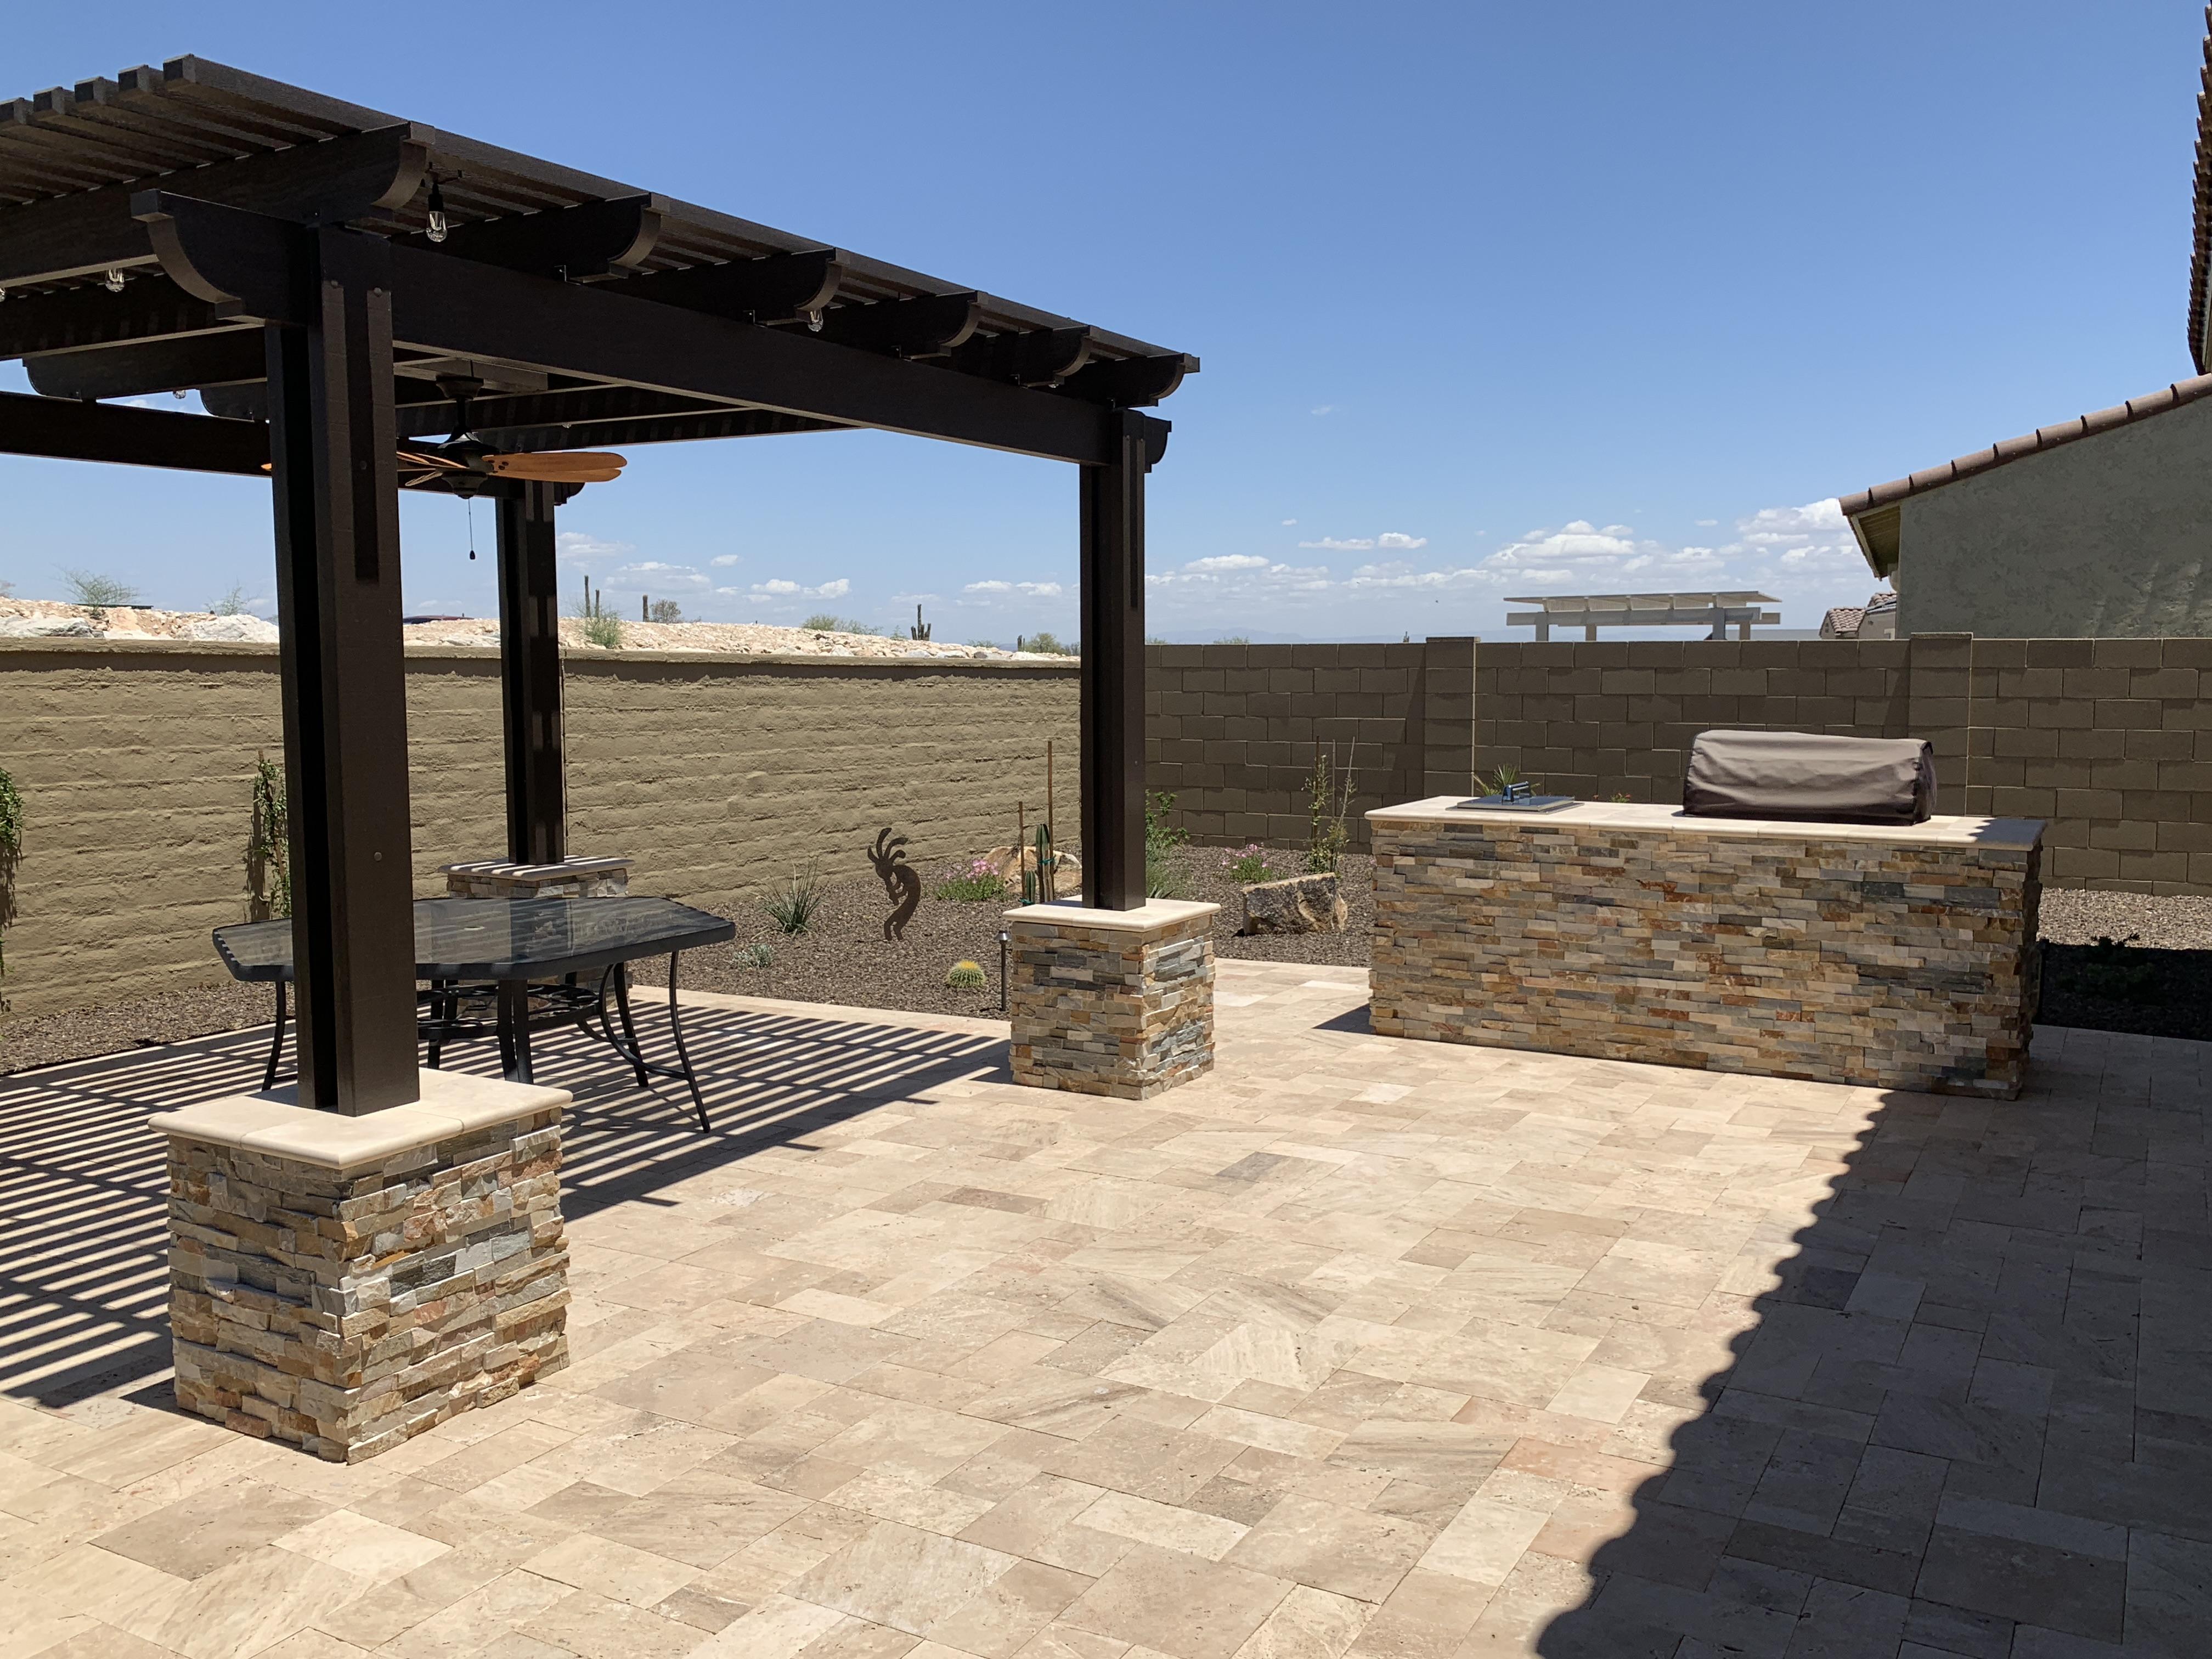 Pergola Shade Structure Avondale AZ